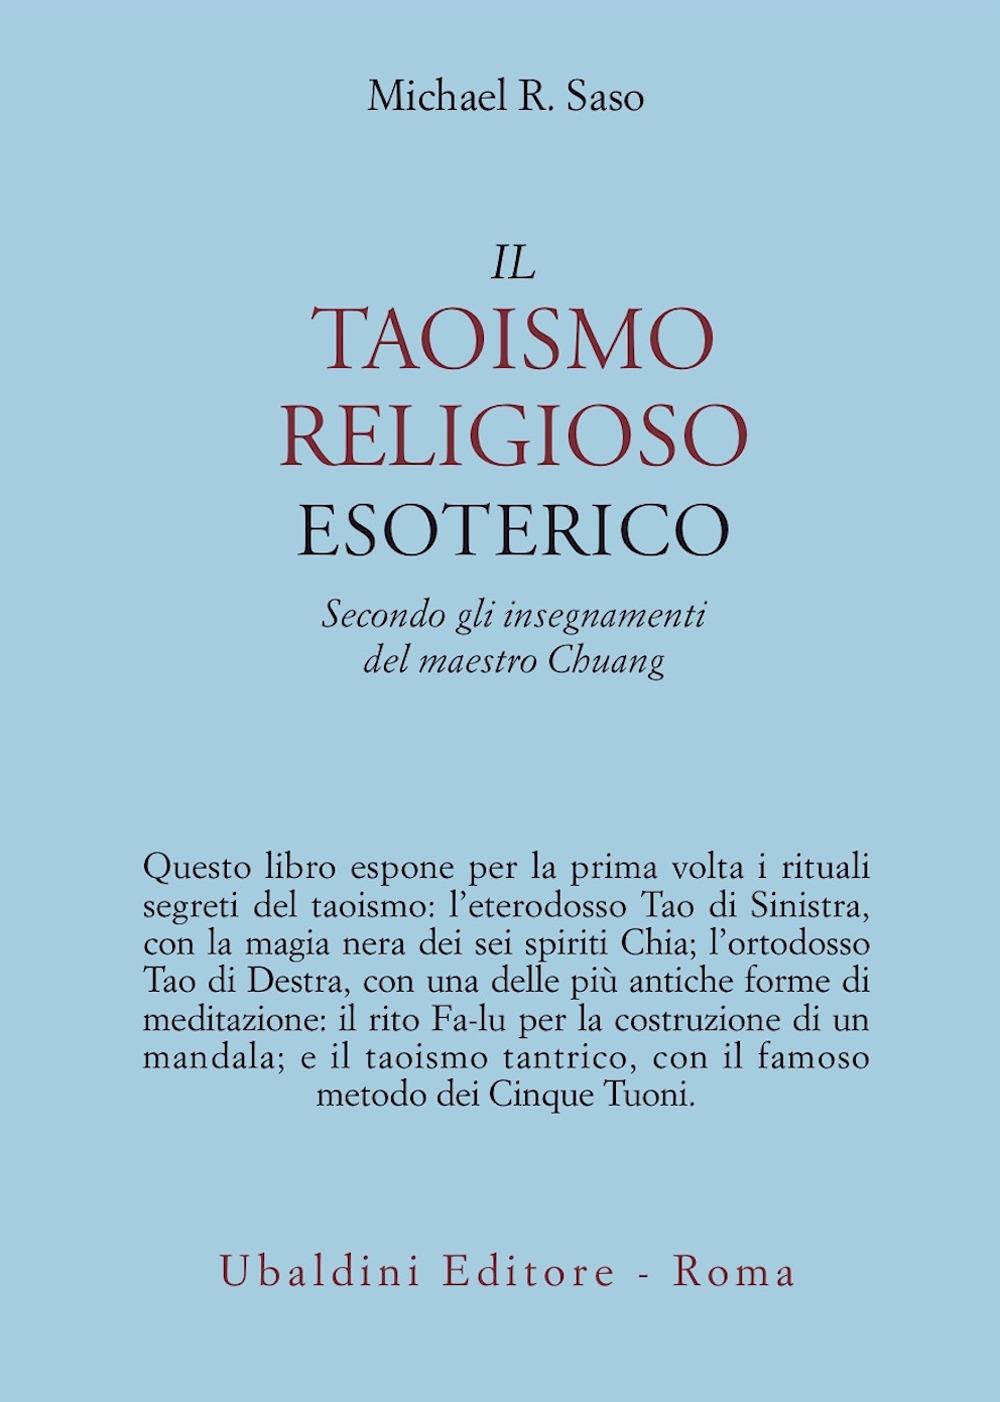 Michael R. Saso Il taoismo religioso esoterico. Secondo gli insegnamenti del maestro Chuang Michael R. Saso ISBN:9788834006238